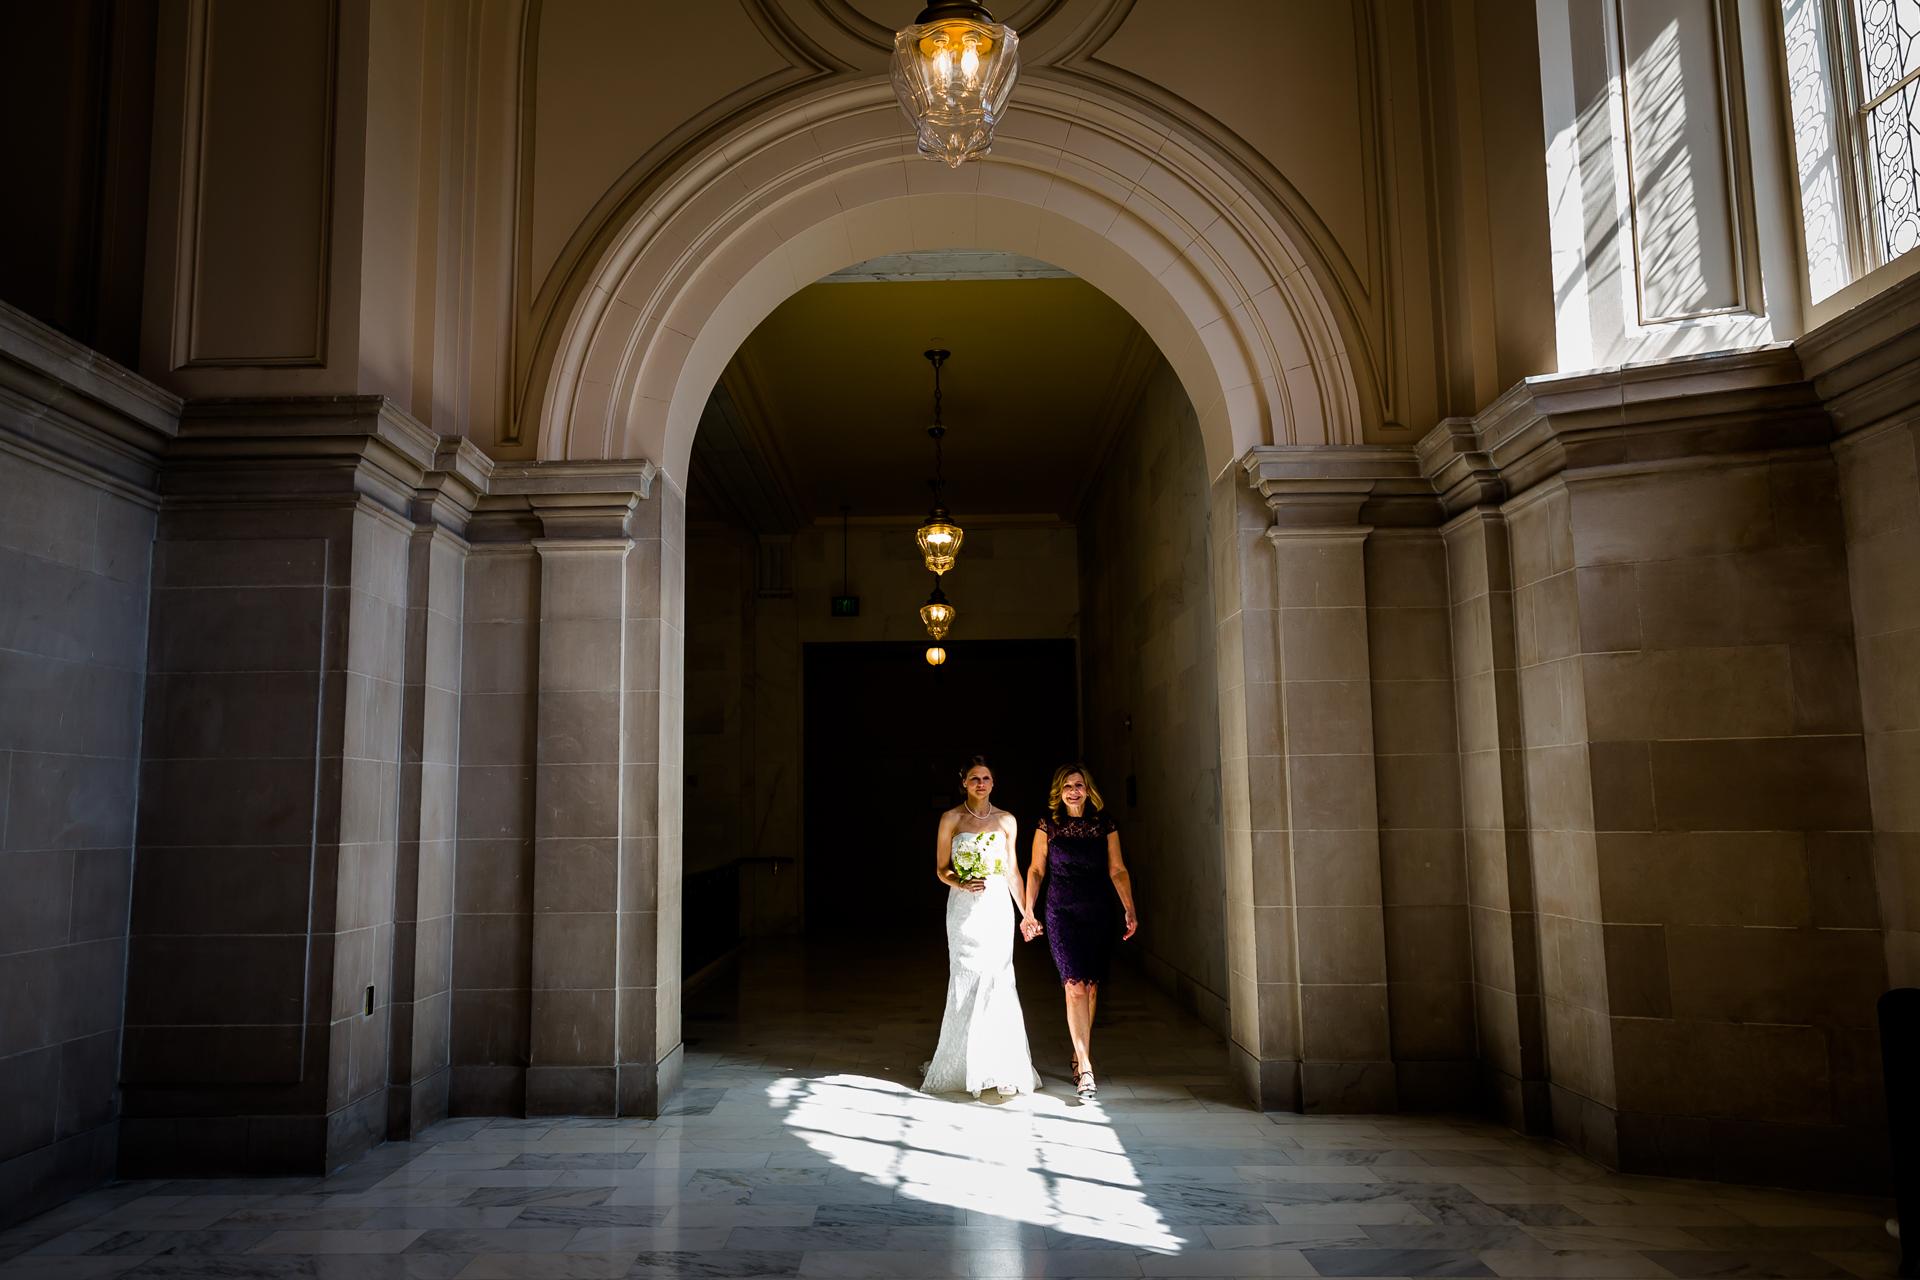 Foto de Elopement de boda pequeña en San Francisco   La luz de la tarde brilló en el pasillo iluminando a la novia que ya brillaba mientras caminaba hacia la ceremonia.